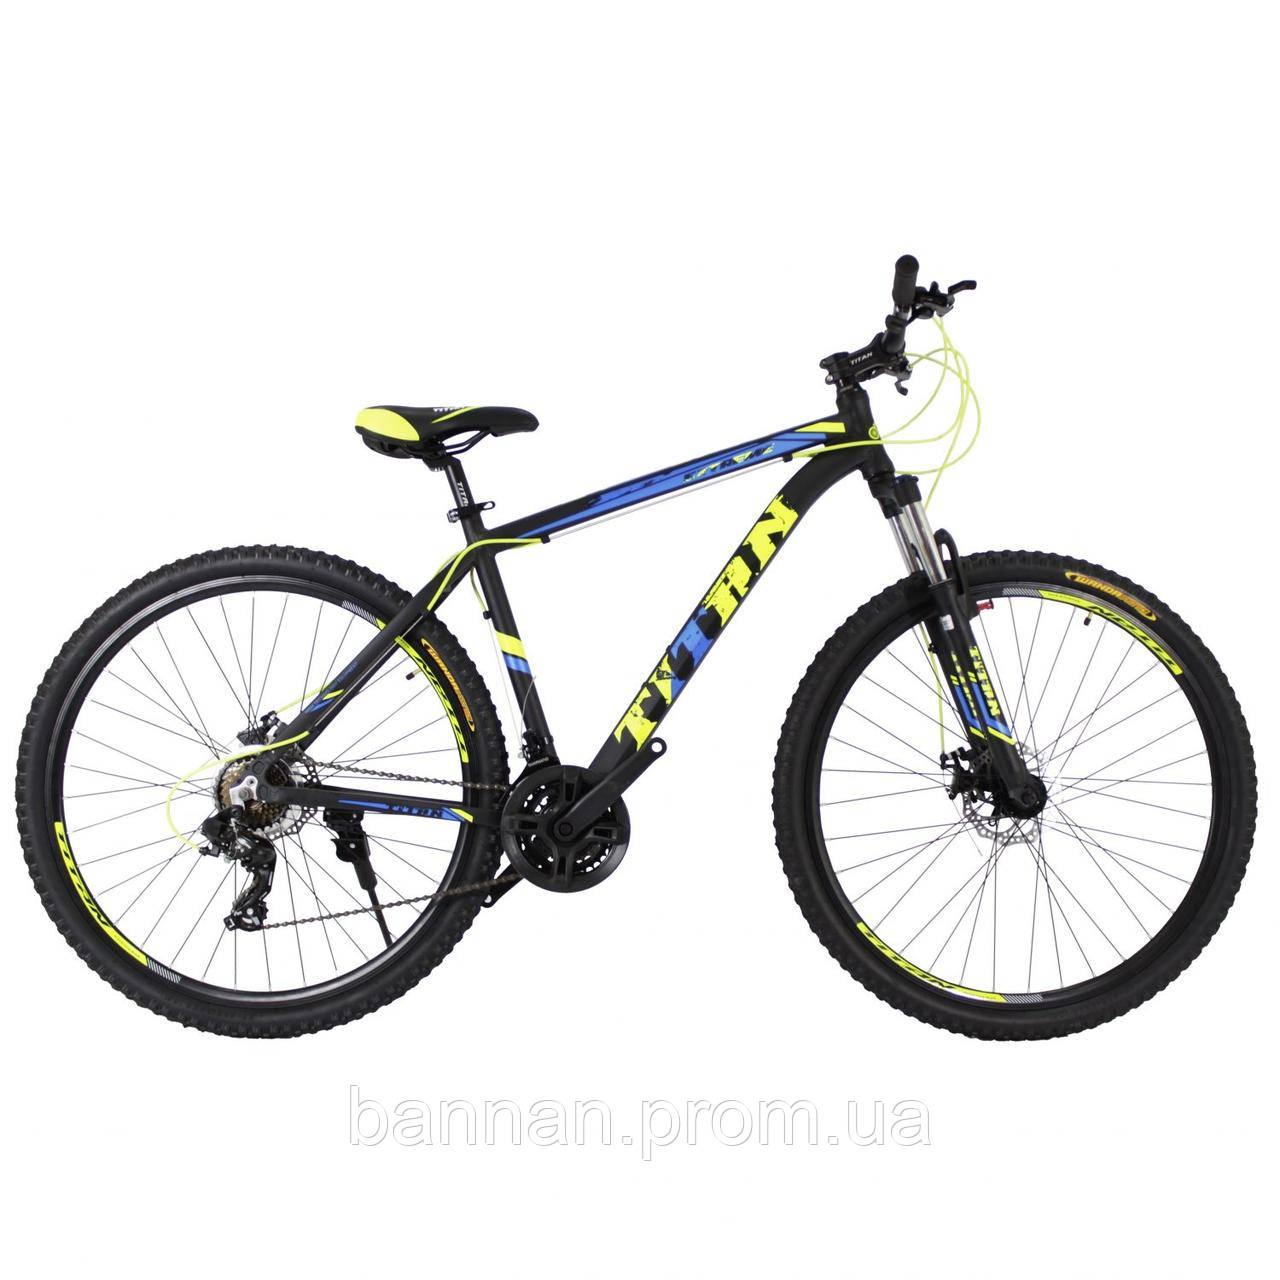 """Велосипед Titan Extreme (2019)(26"""") Рама 17"""" 26"""", 17"""", black-orange-blue"""